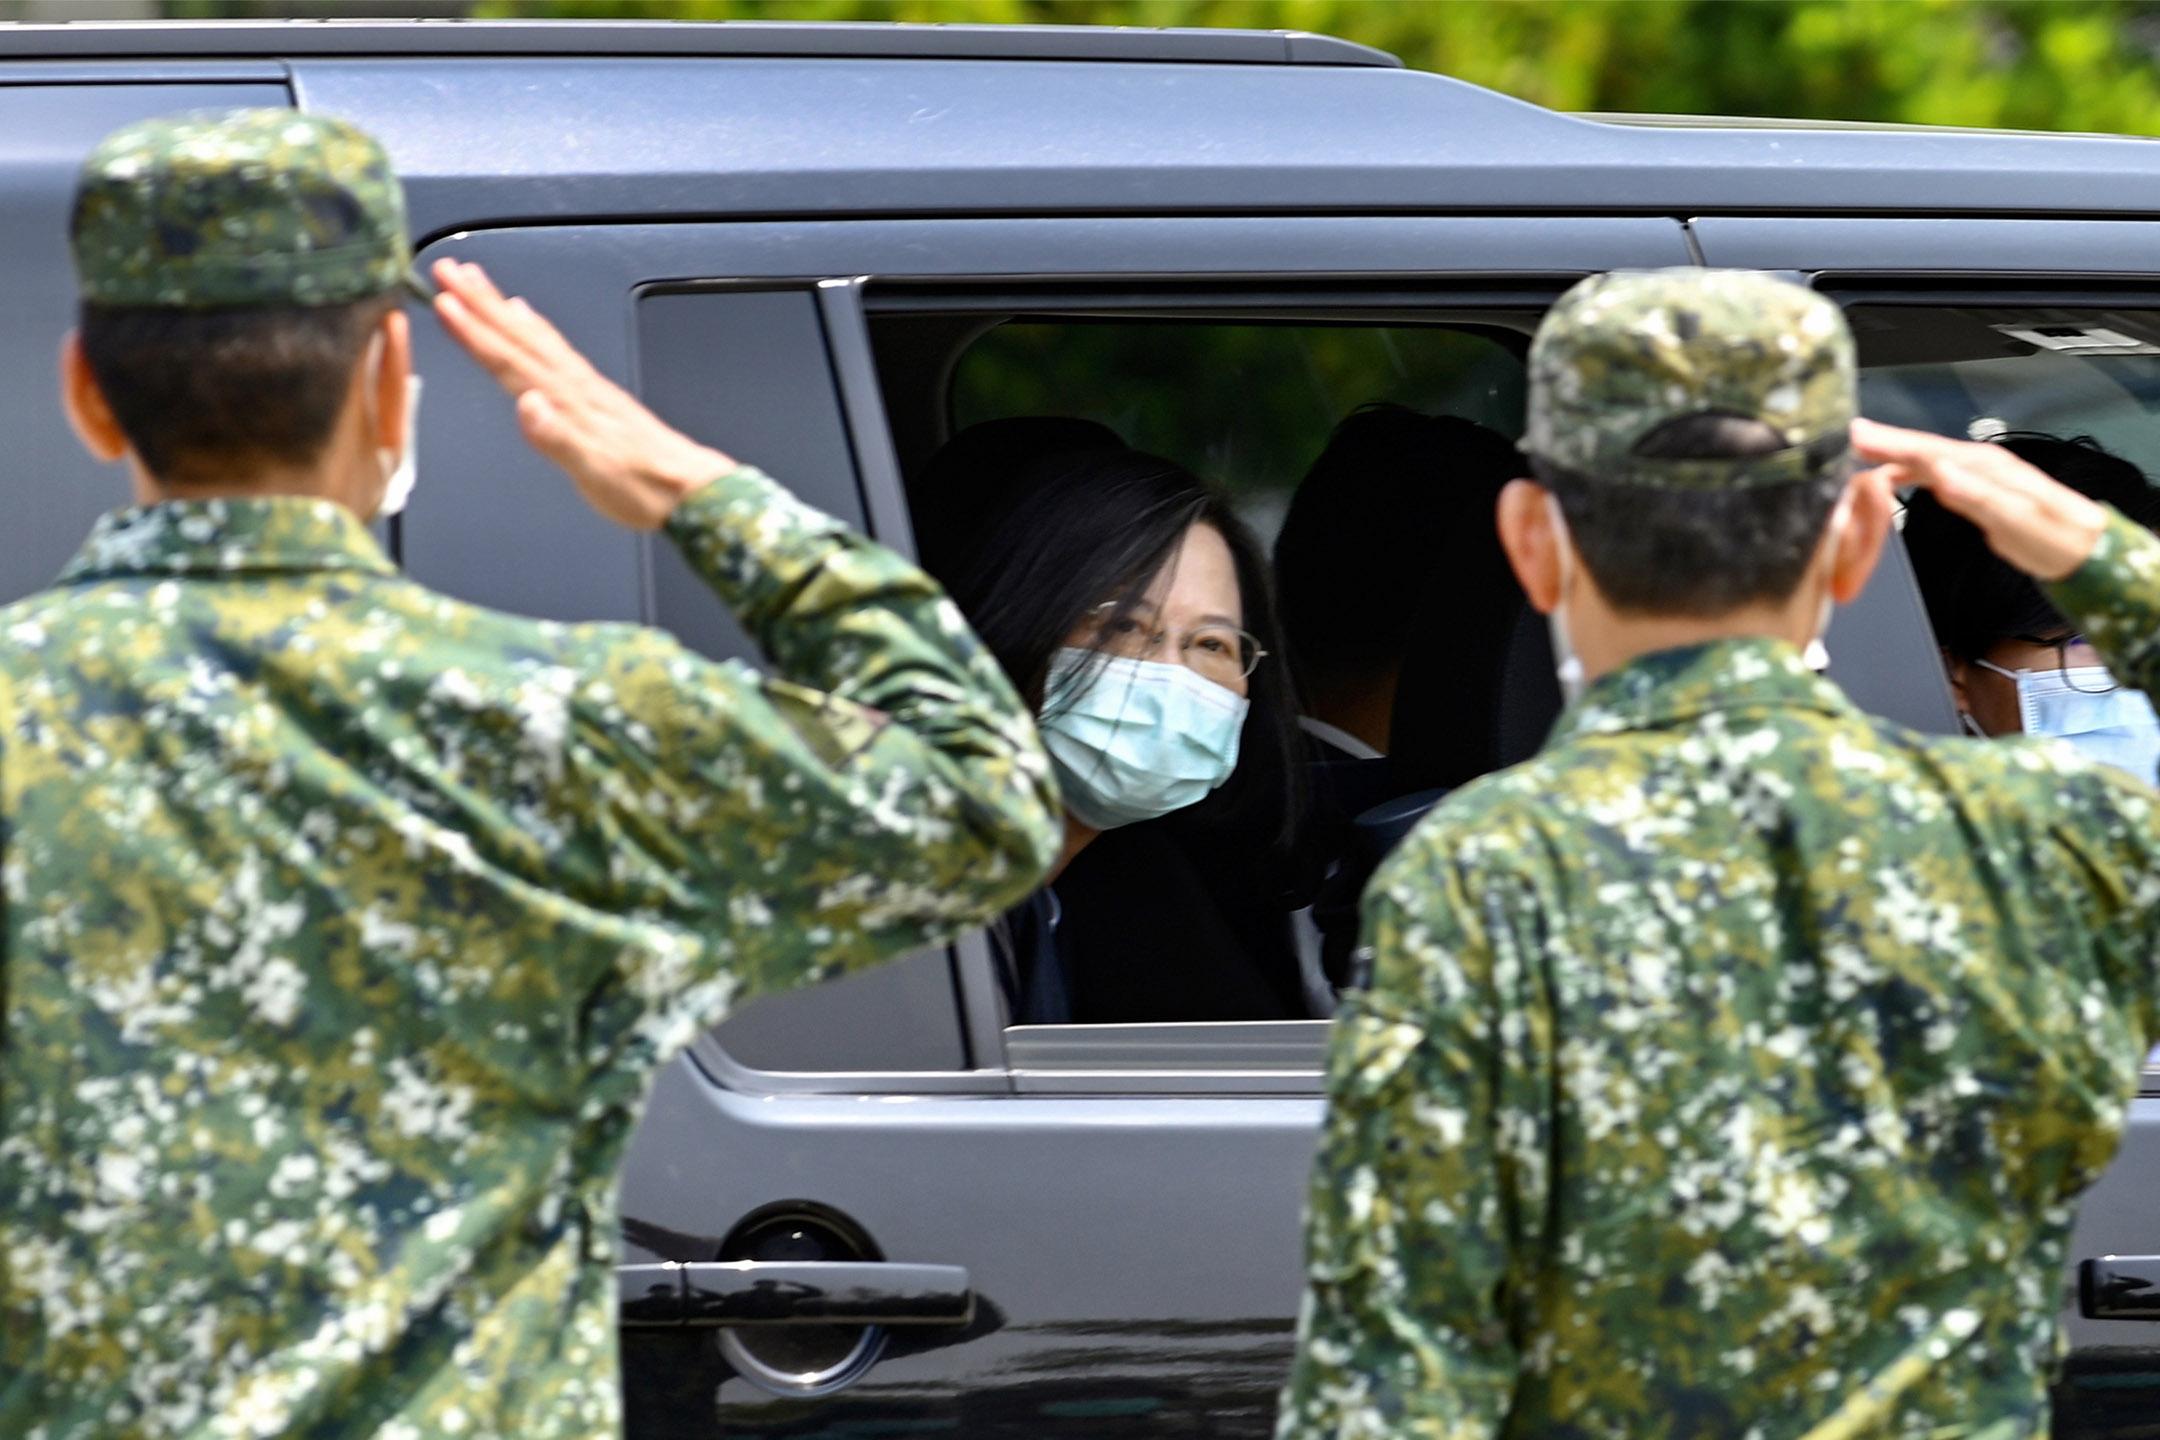 2020年4月9日,台灣總統蔡英文在2019冠狀病毒流行期間戴著口罩到台南的軍事基地時接受軍官致敬。 攝:Sam Yeh/AFP via Getty Images